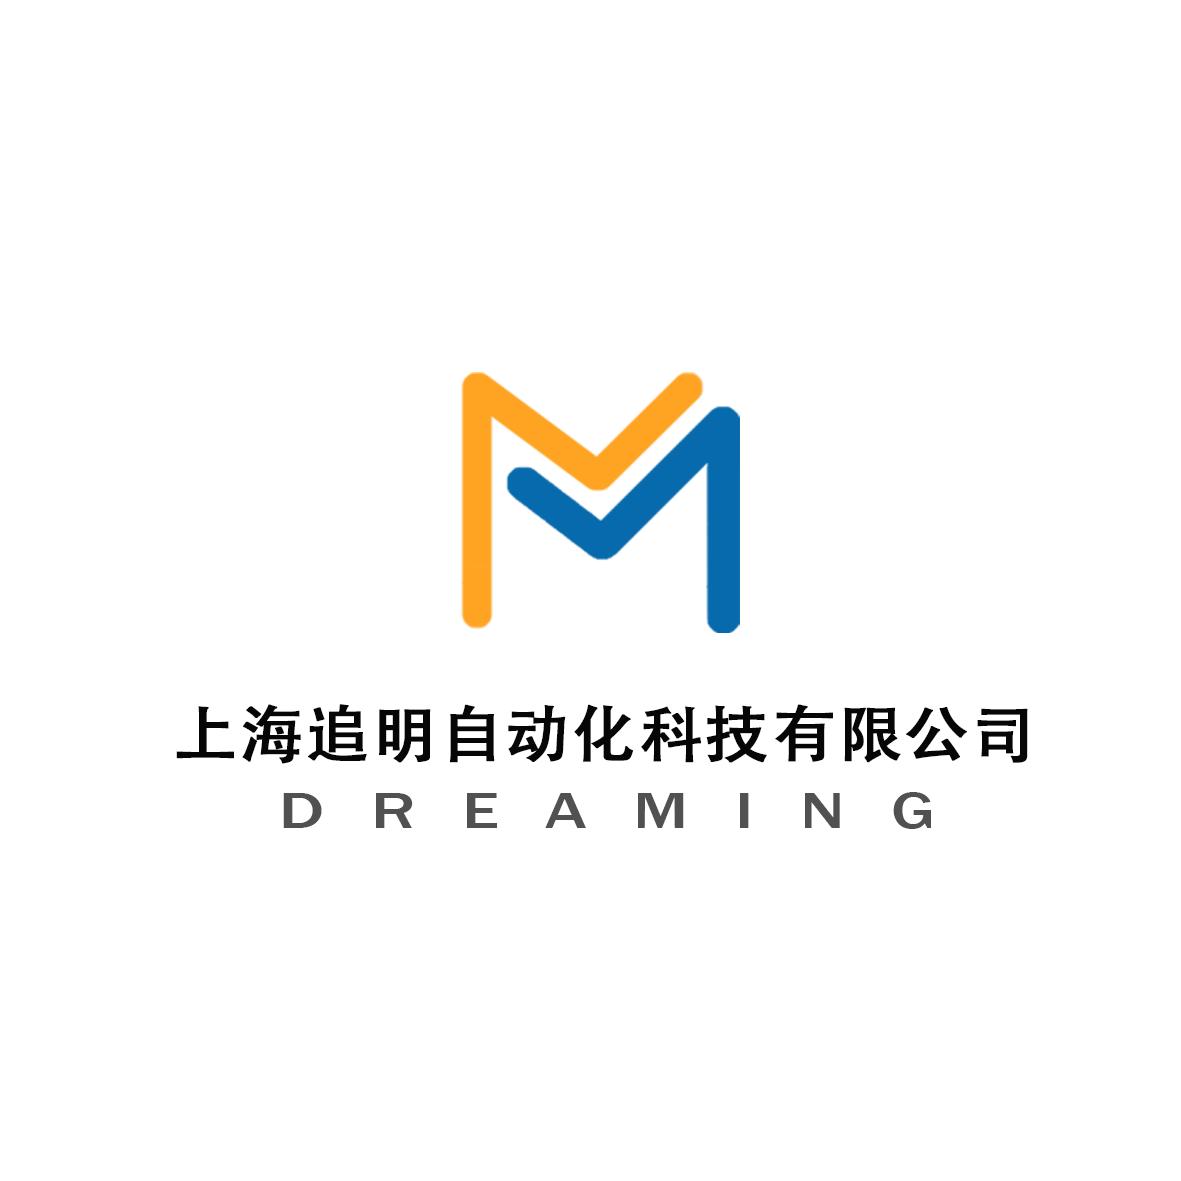 上海追明自动化科技有限公司